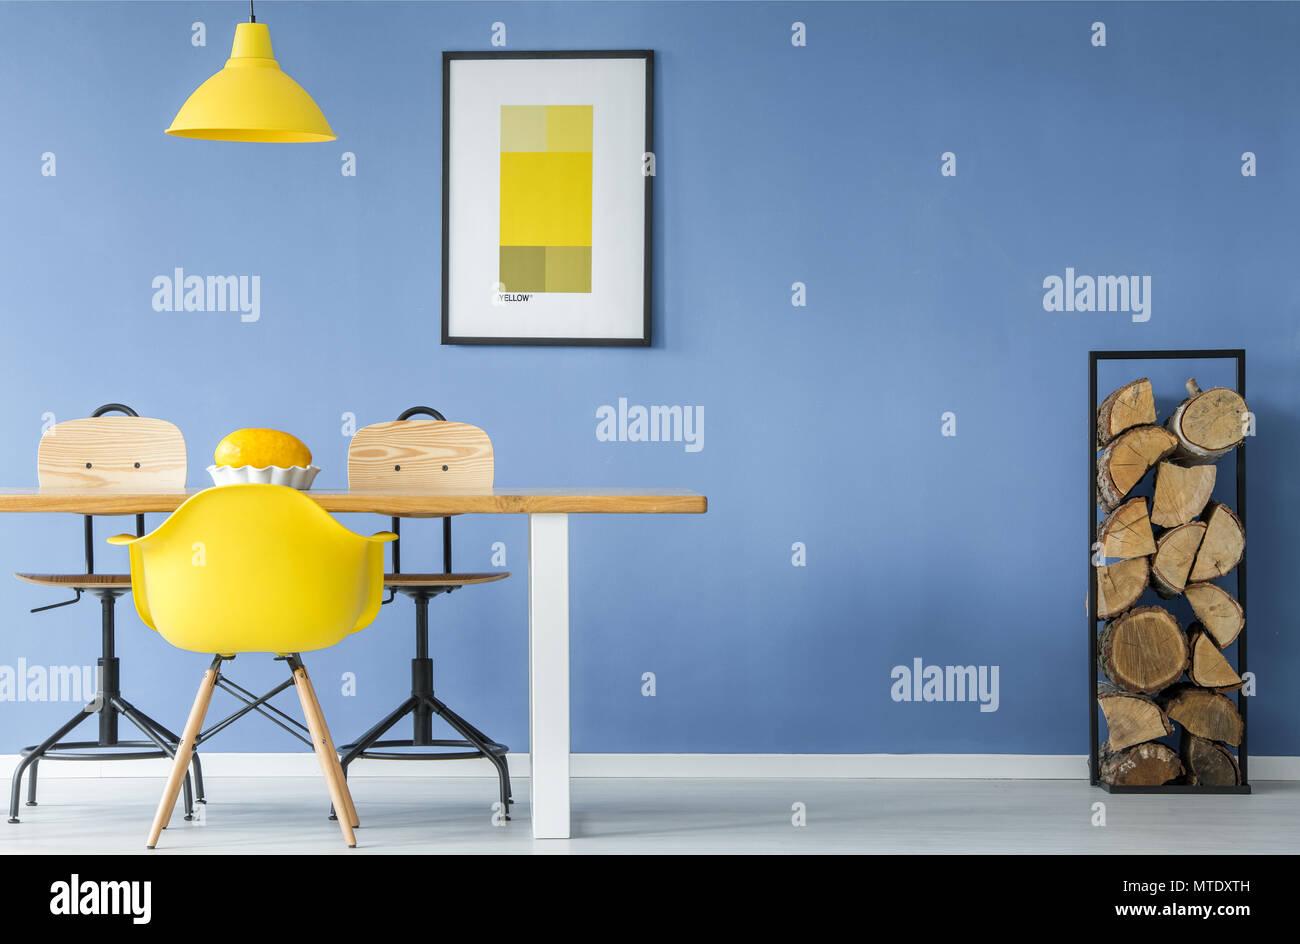 Einen gelben Stuhl und eine Hängelampe in einem offenen Raum, minimale Interieur mit einer Melone in einer Schale auf einem Tisch mit einem Stapel von Brennholz gegen einen blauen wa Stockbild